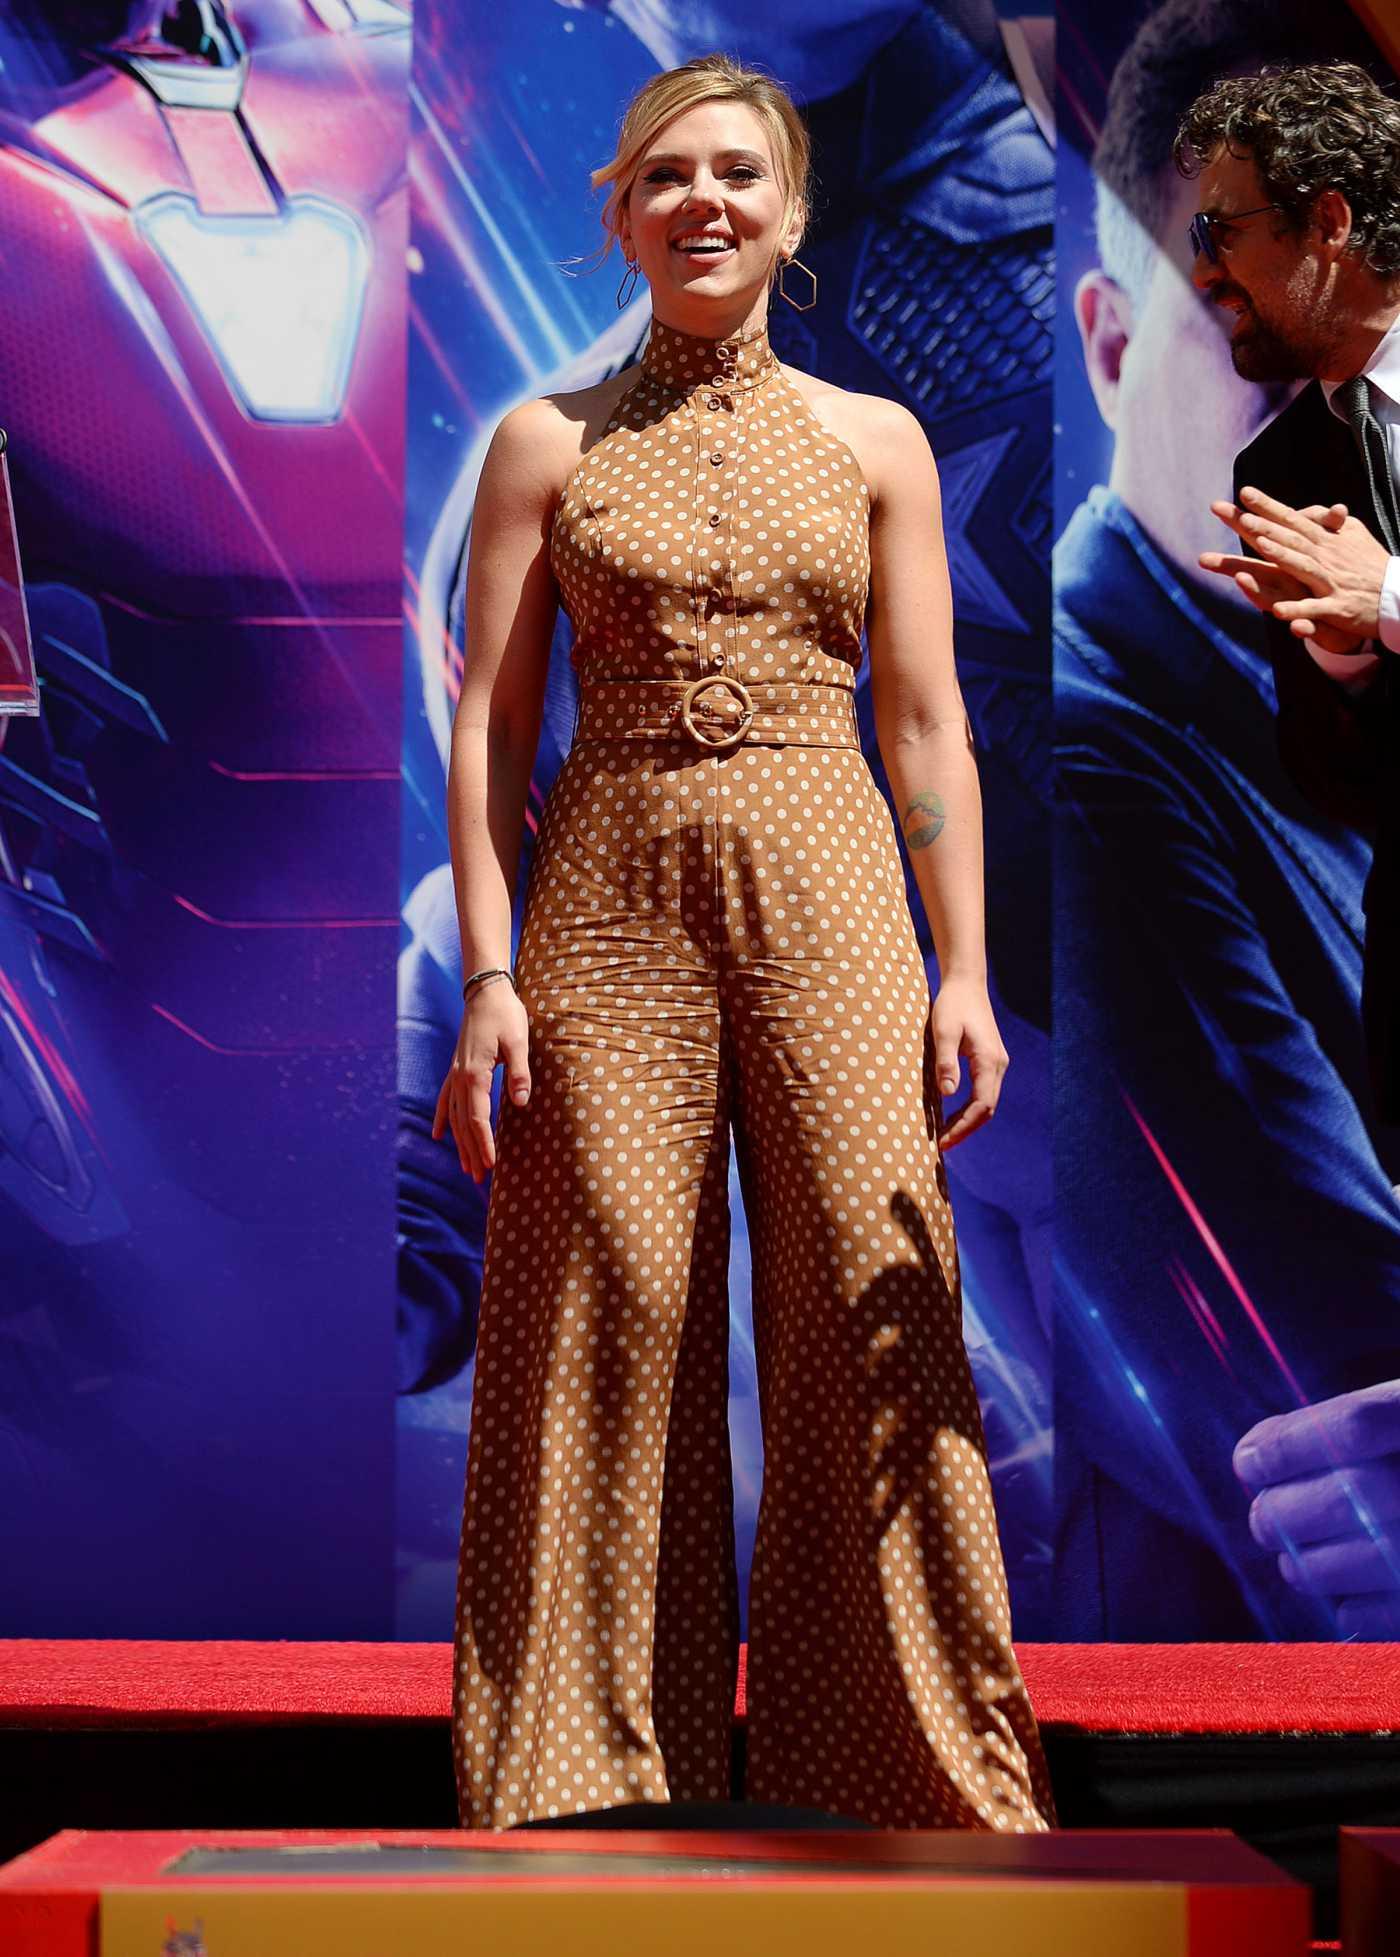 Scarlett Johansson Attends Avengers: Endgame Hand Print Ceremony in LA 04/23/2019